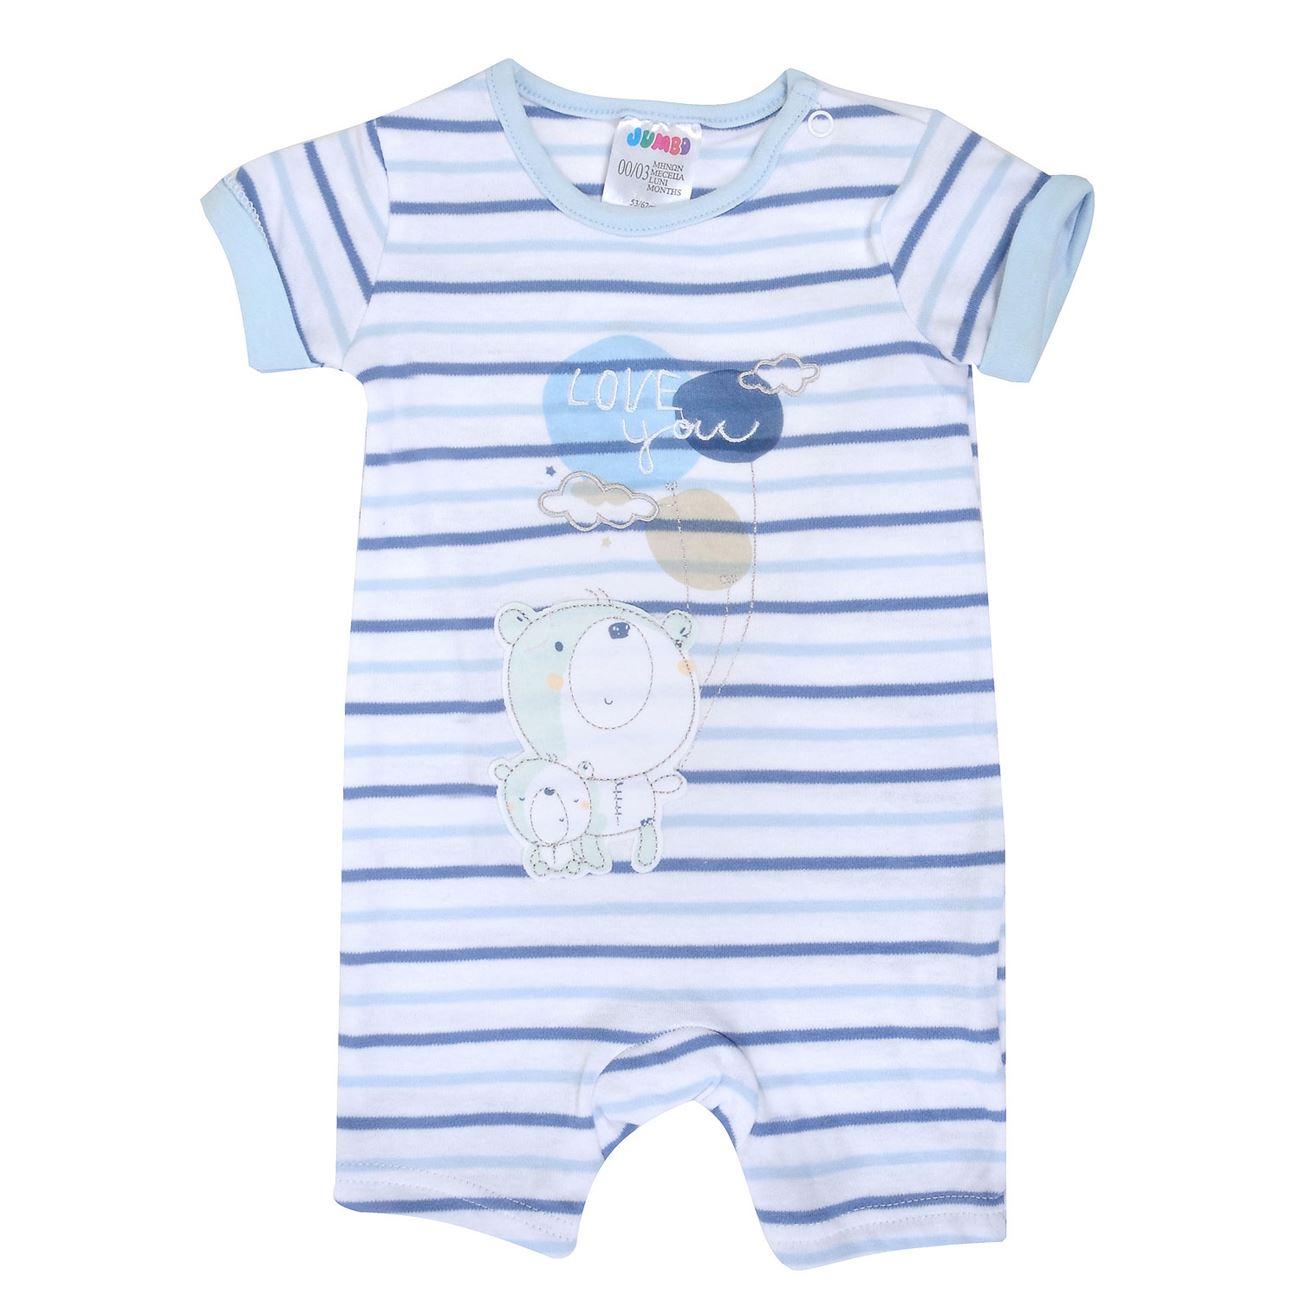 Φορμάκι Μωρού Βαμβακερό   Ρούχα Καλοκαιρινά 3 Μηνών Αγόρι  6a77097487d